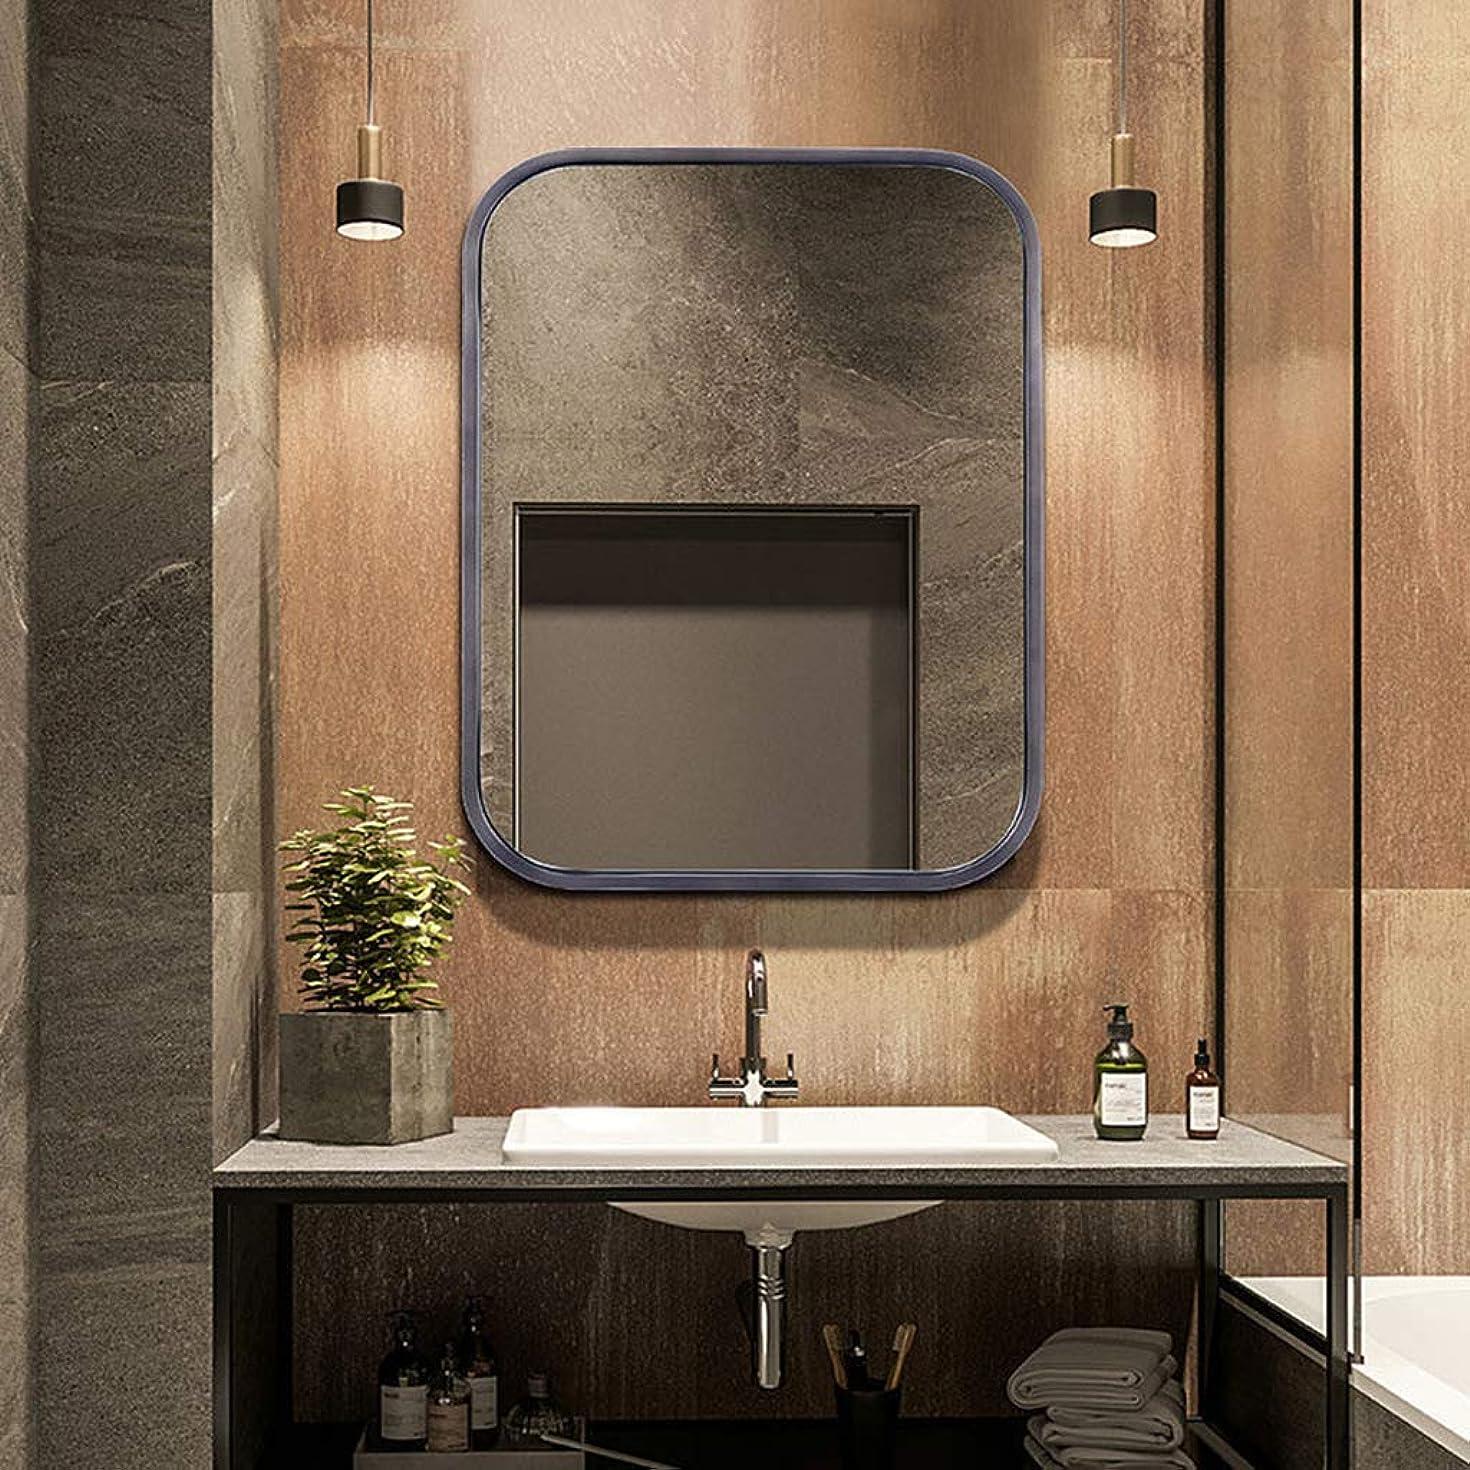 分解する鮮やかな魔術バスルームの鏡、金属製のシンプルなデザインと平らな長方形の壁 ?? - ドリル穴とクロムキャップの壁掛け付きミラー